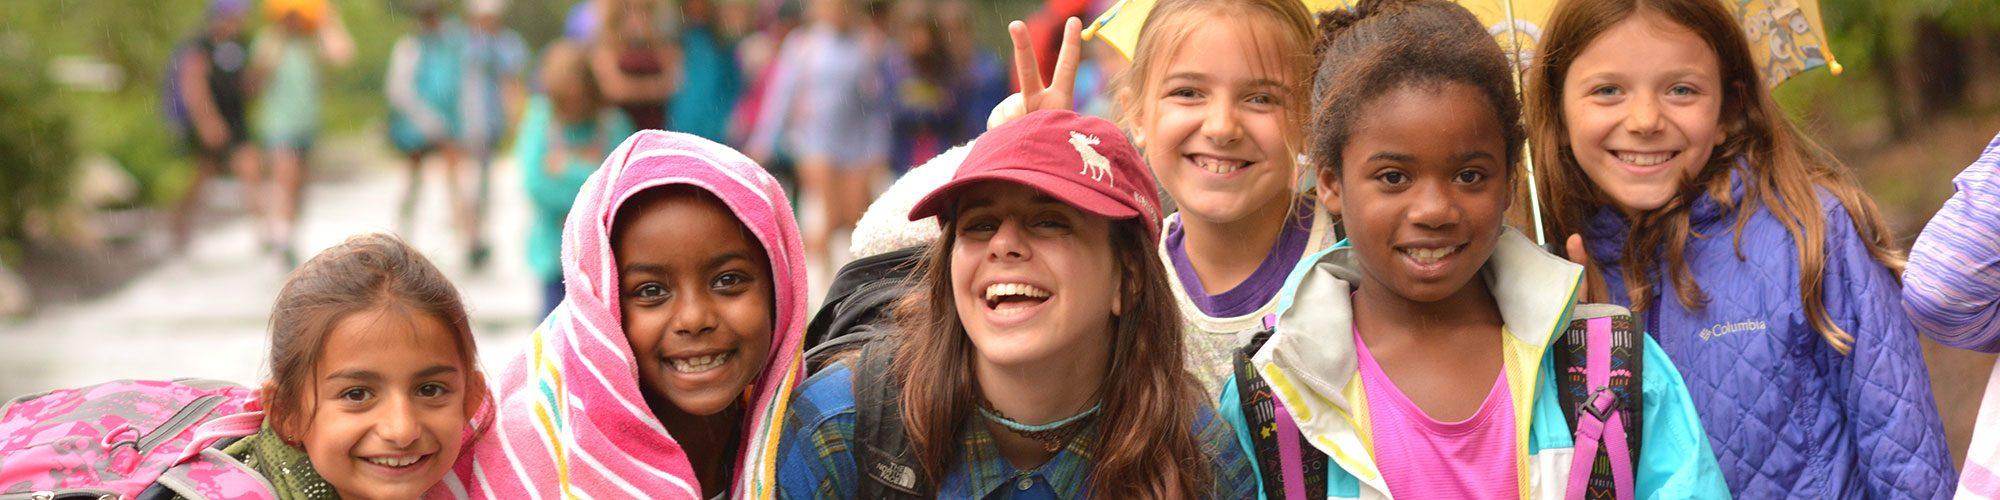 Massachusetts sponsored Kars4kids grant program - Wildflower Camp Foundation